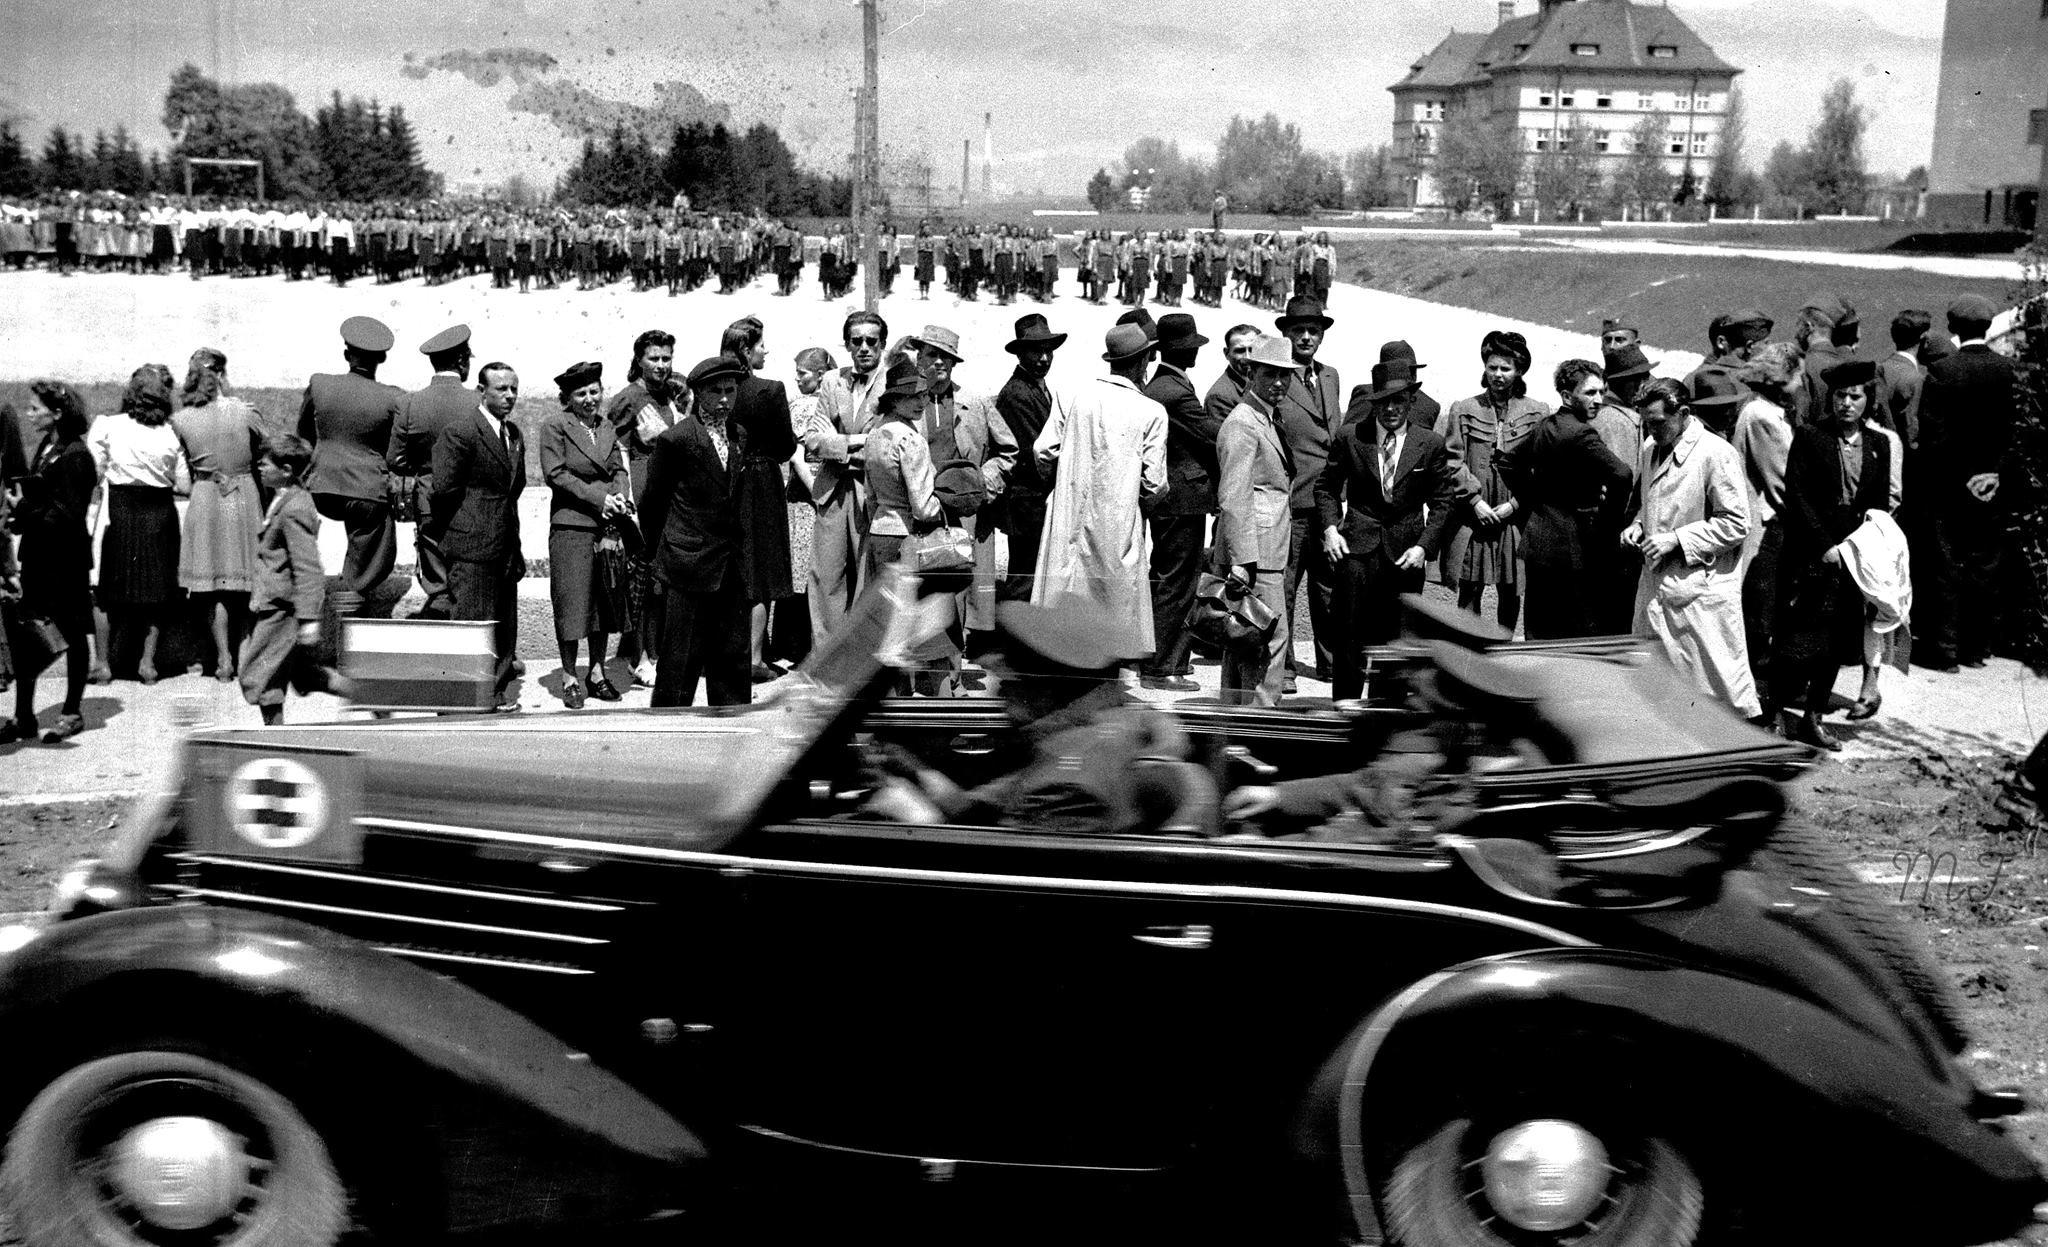 Ľudácky papaláš, 40te roky. Vozidlo značky Škoda Popular 1100 OHV